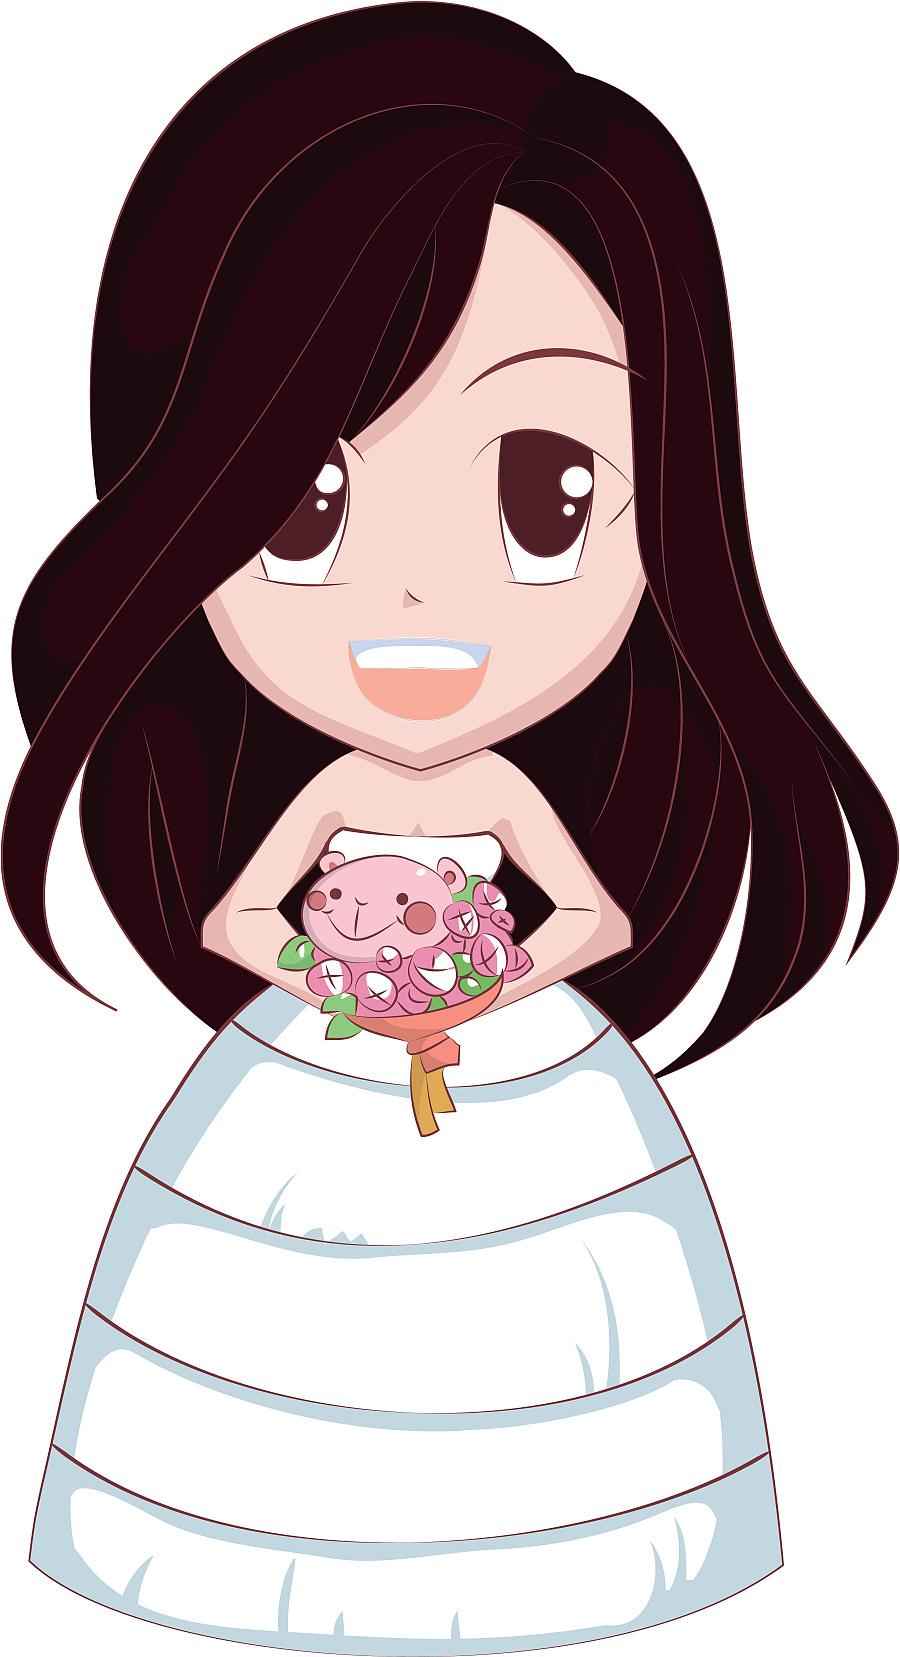 结婚迎宾和舞台两边卡通人物绘制